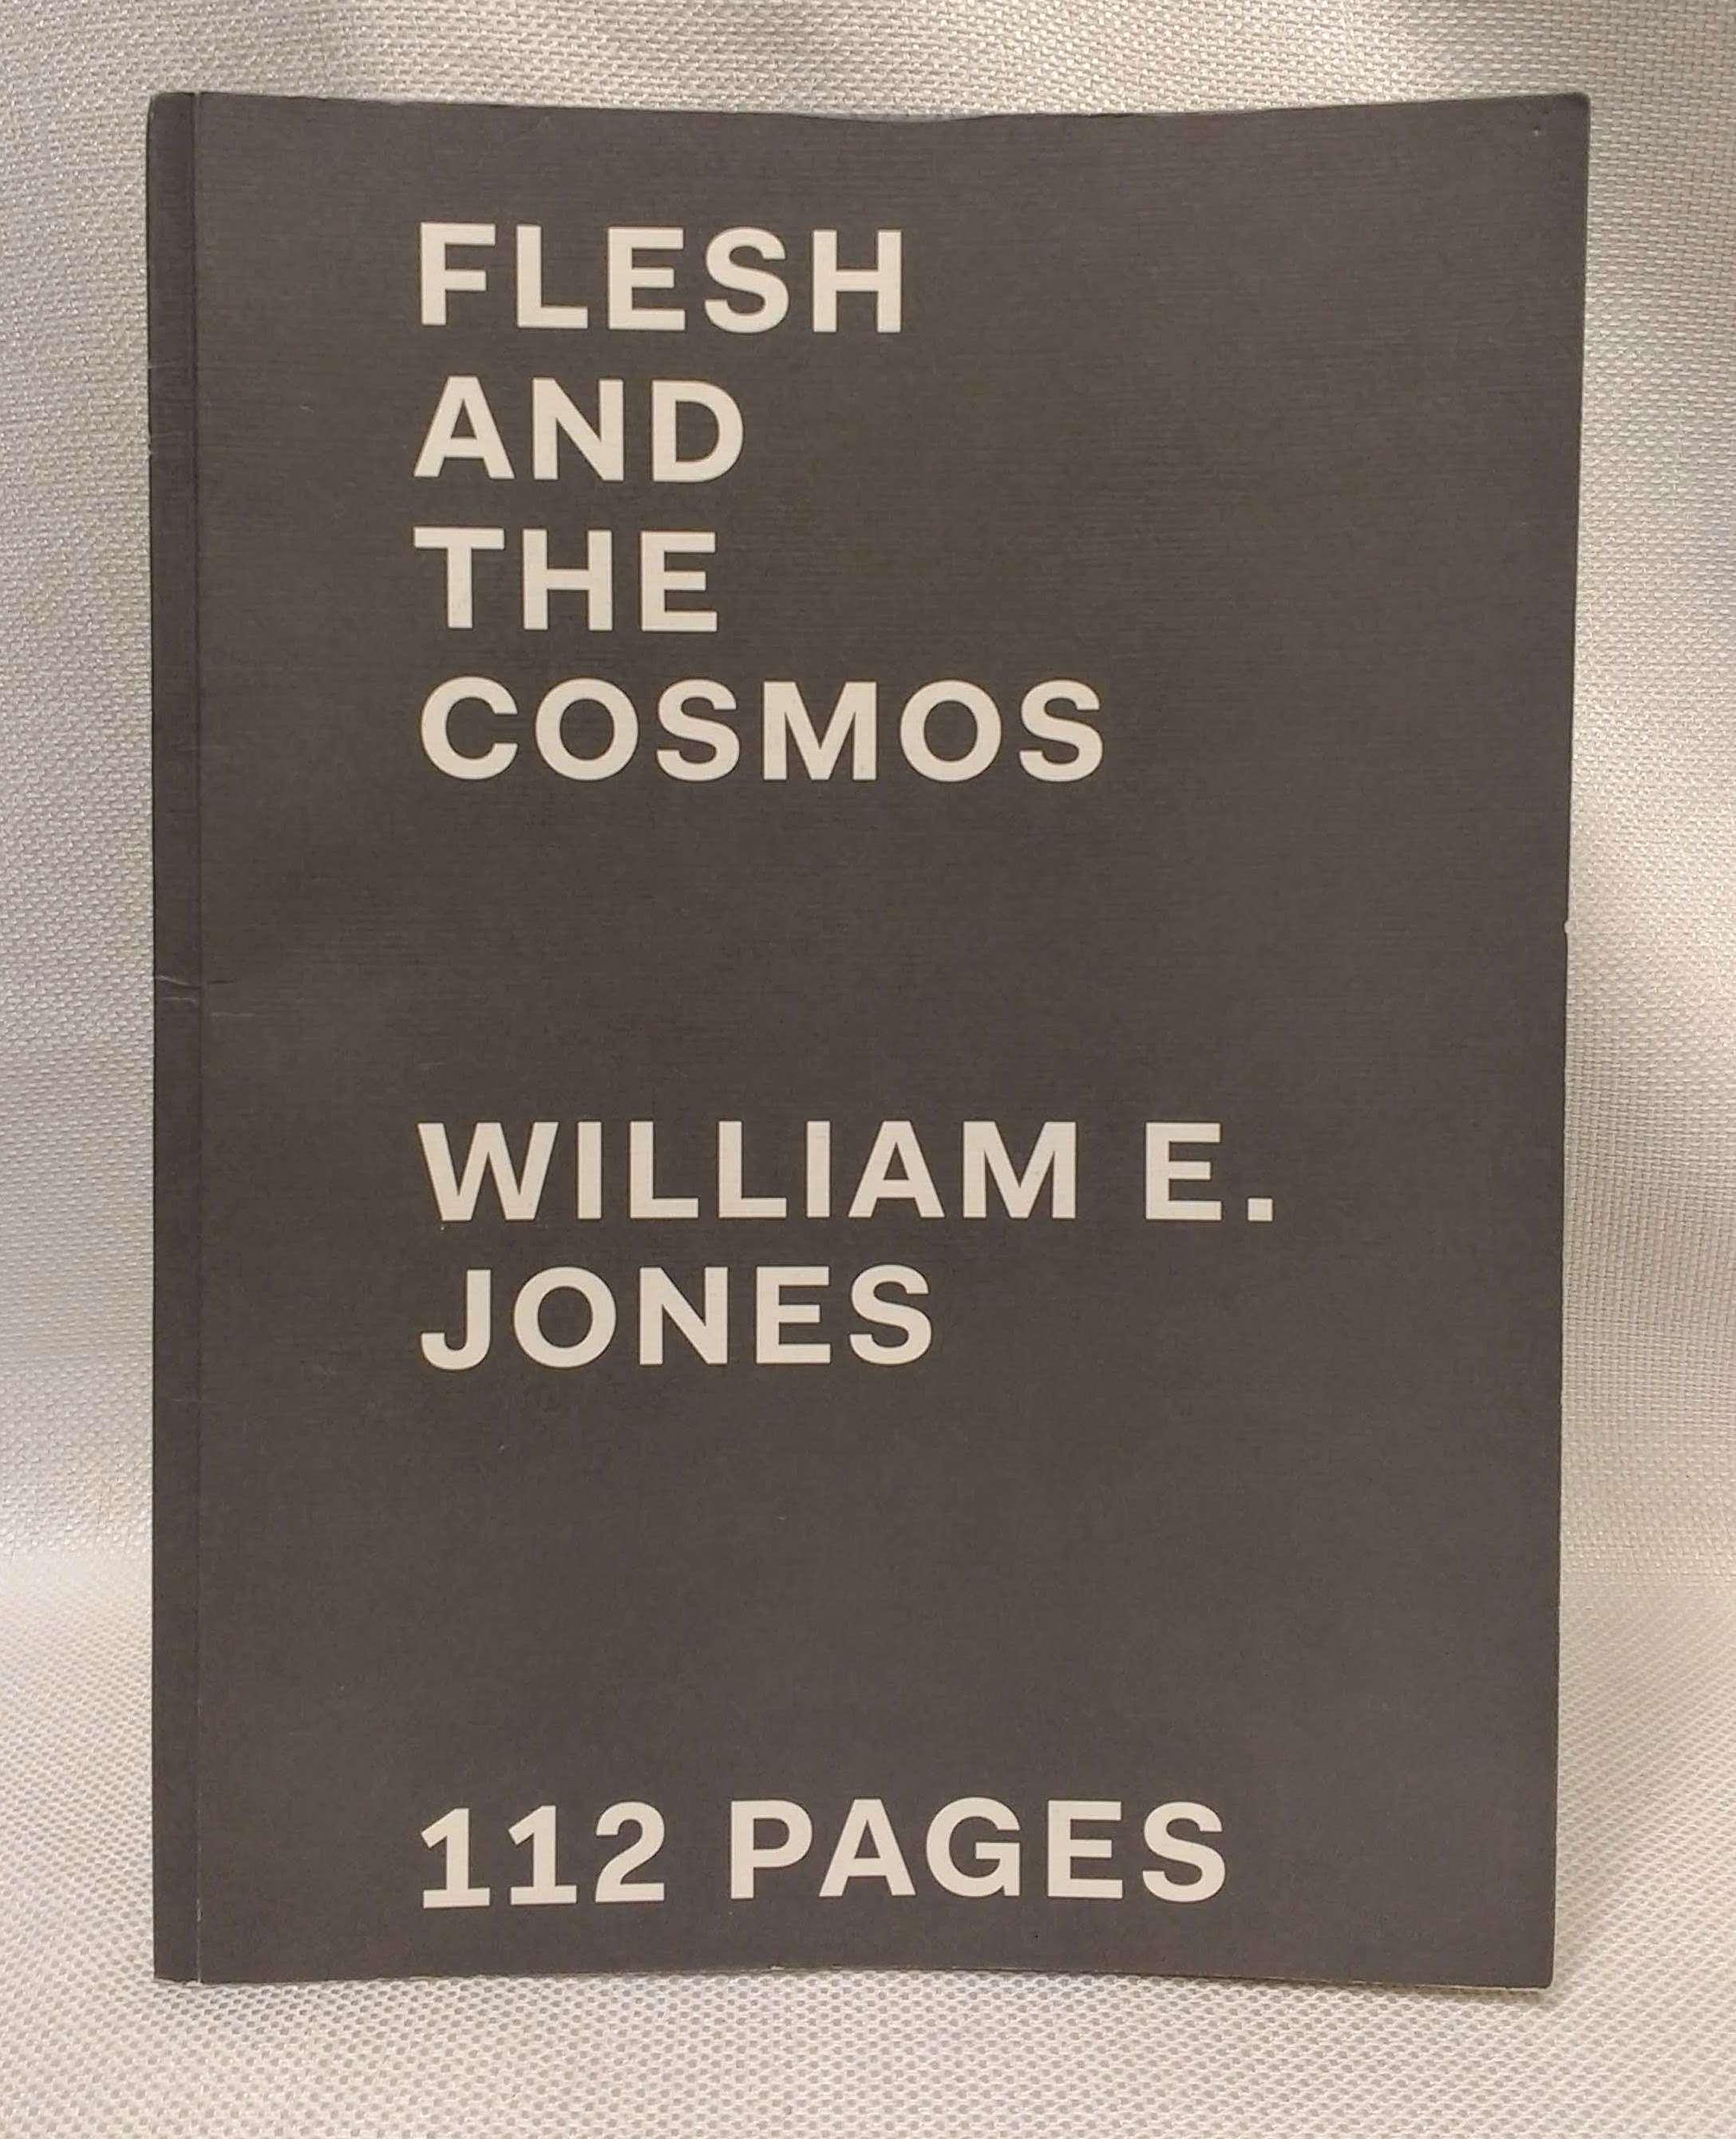 Flesh and the Cosmos, William E. Jones